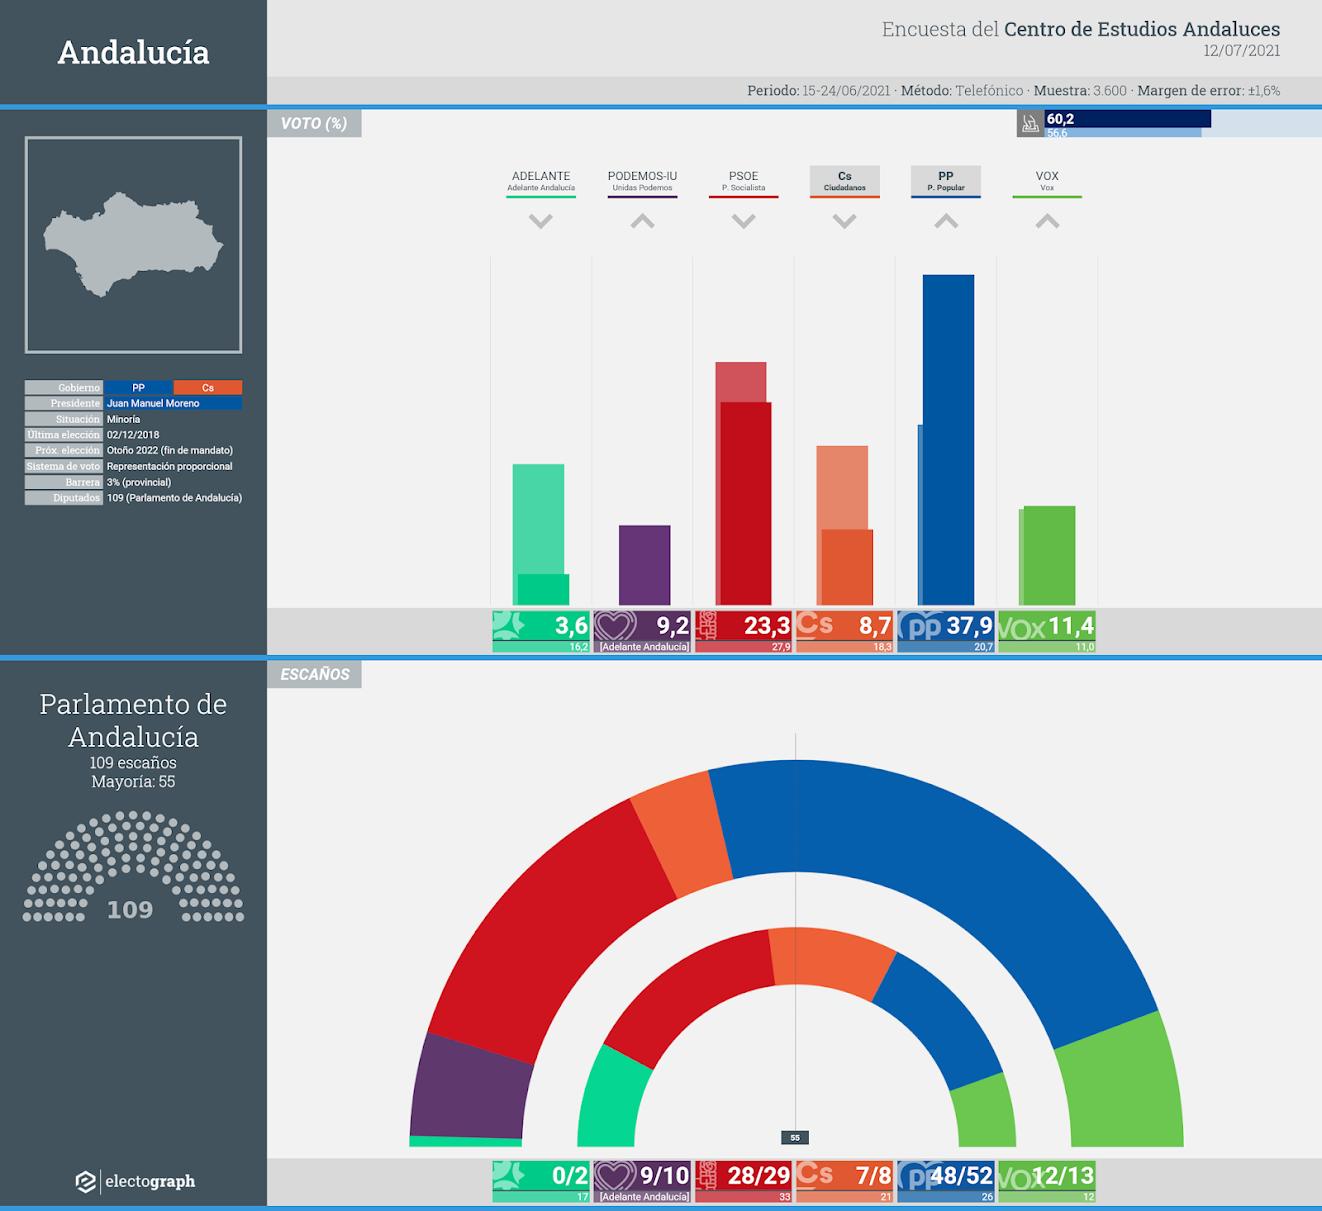 Gráfico de la encuesta para elecciones autonómicas en Andalucía realizada por el Centro de Estudios Andaluces, 12 de julio de 2021